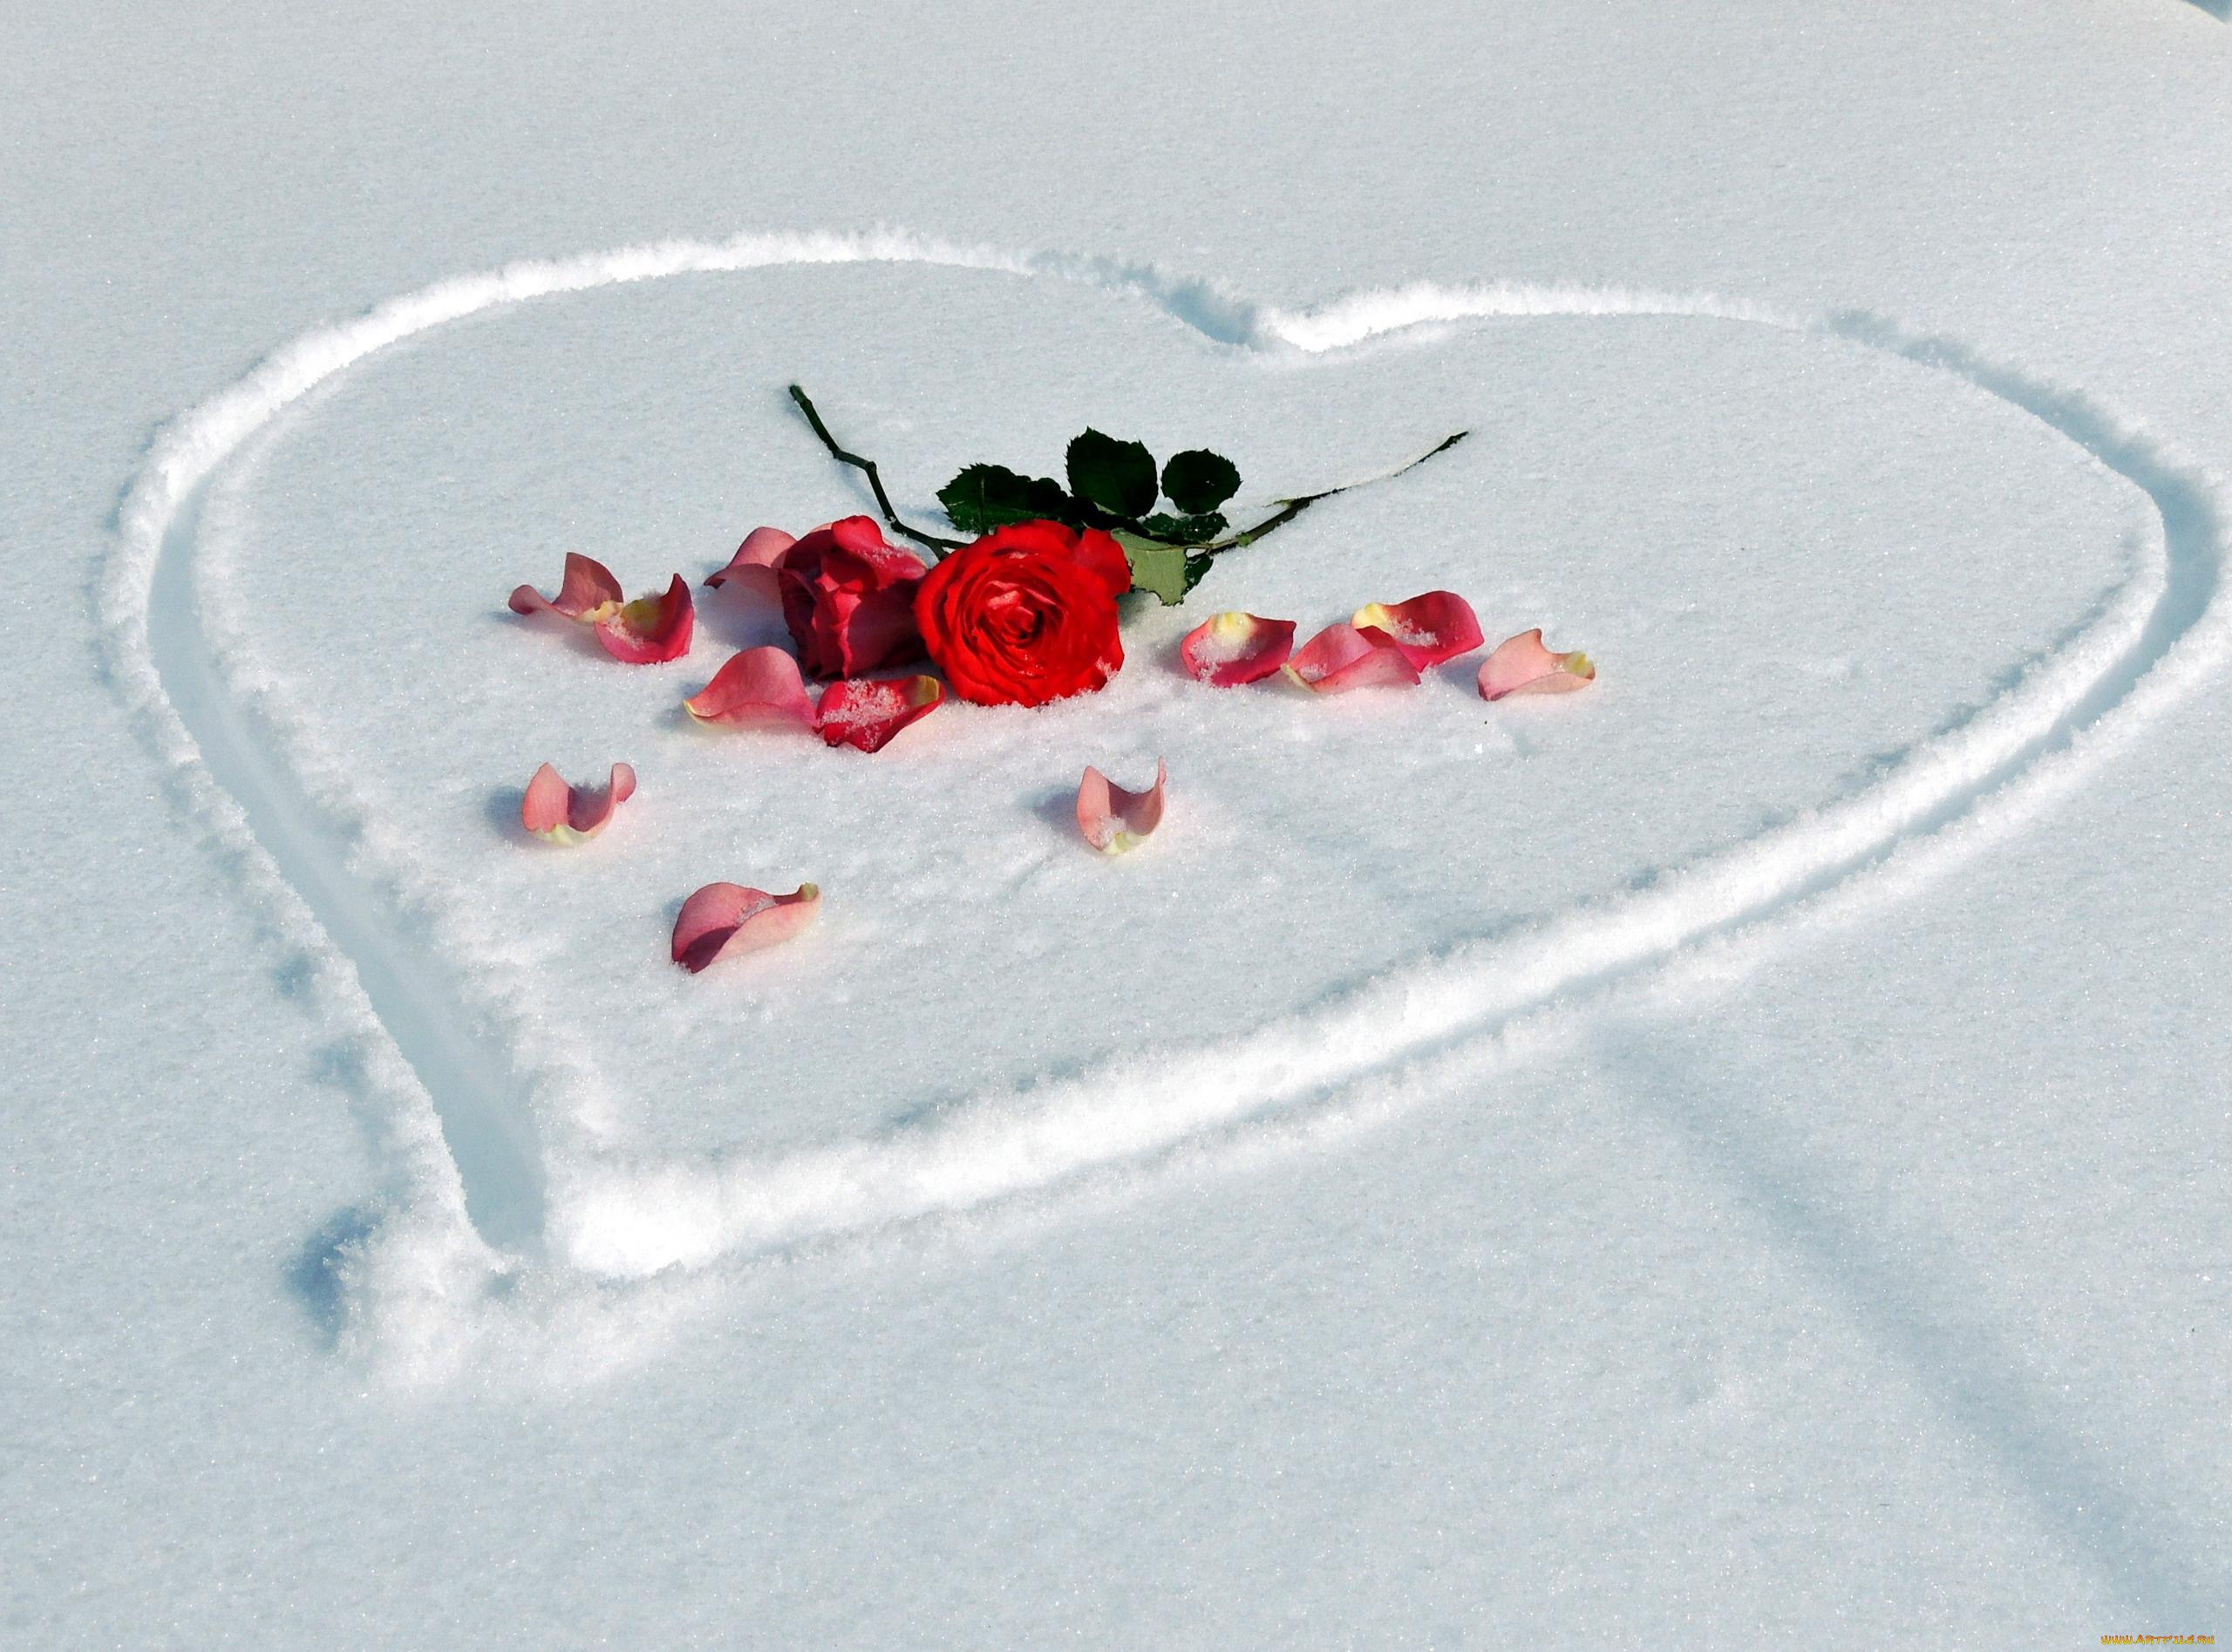 Открытки на снегу, маки сирии анимация